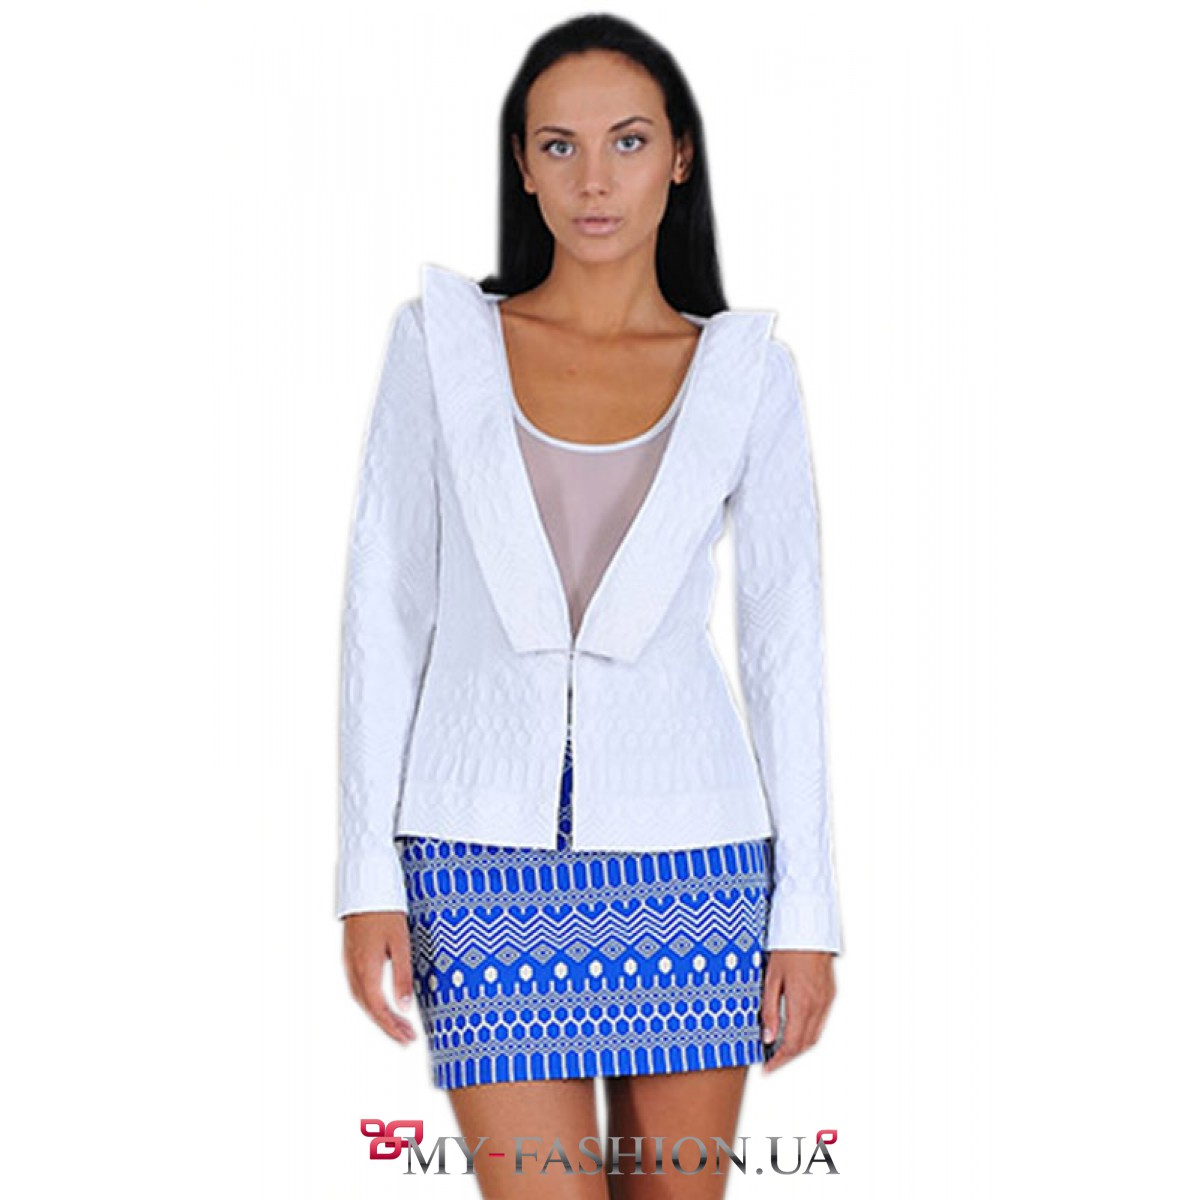 Купить белый пиджак